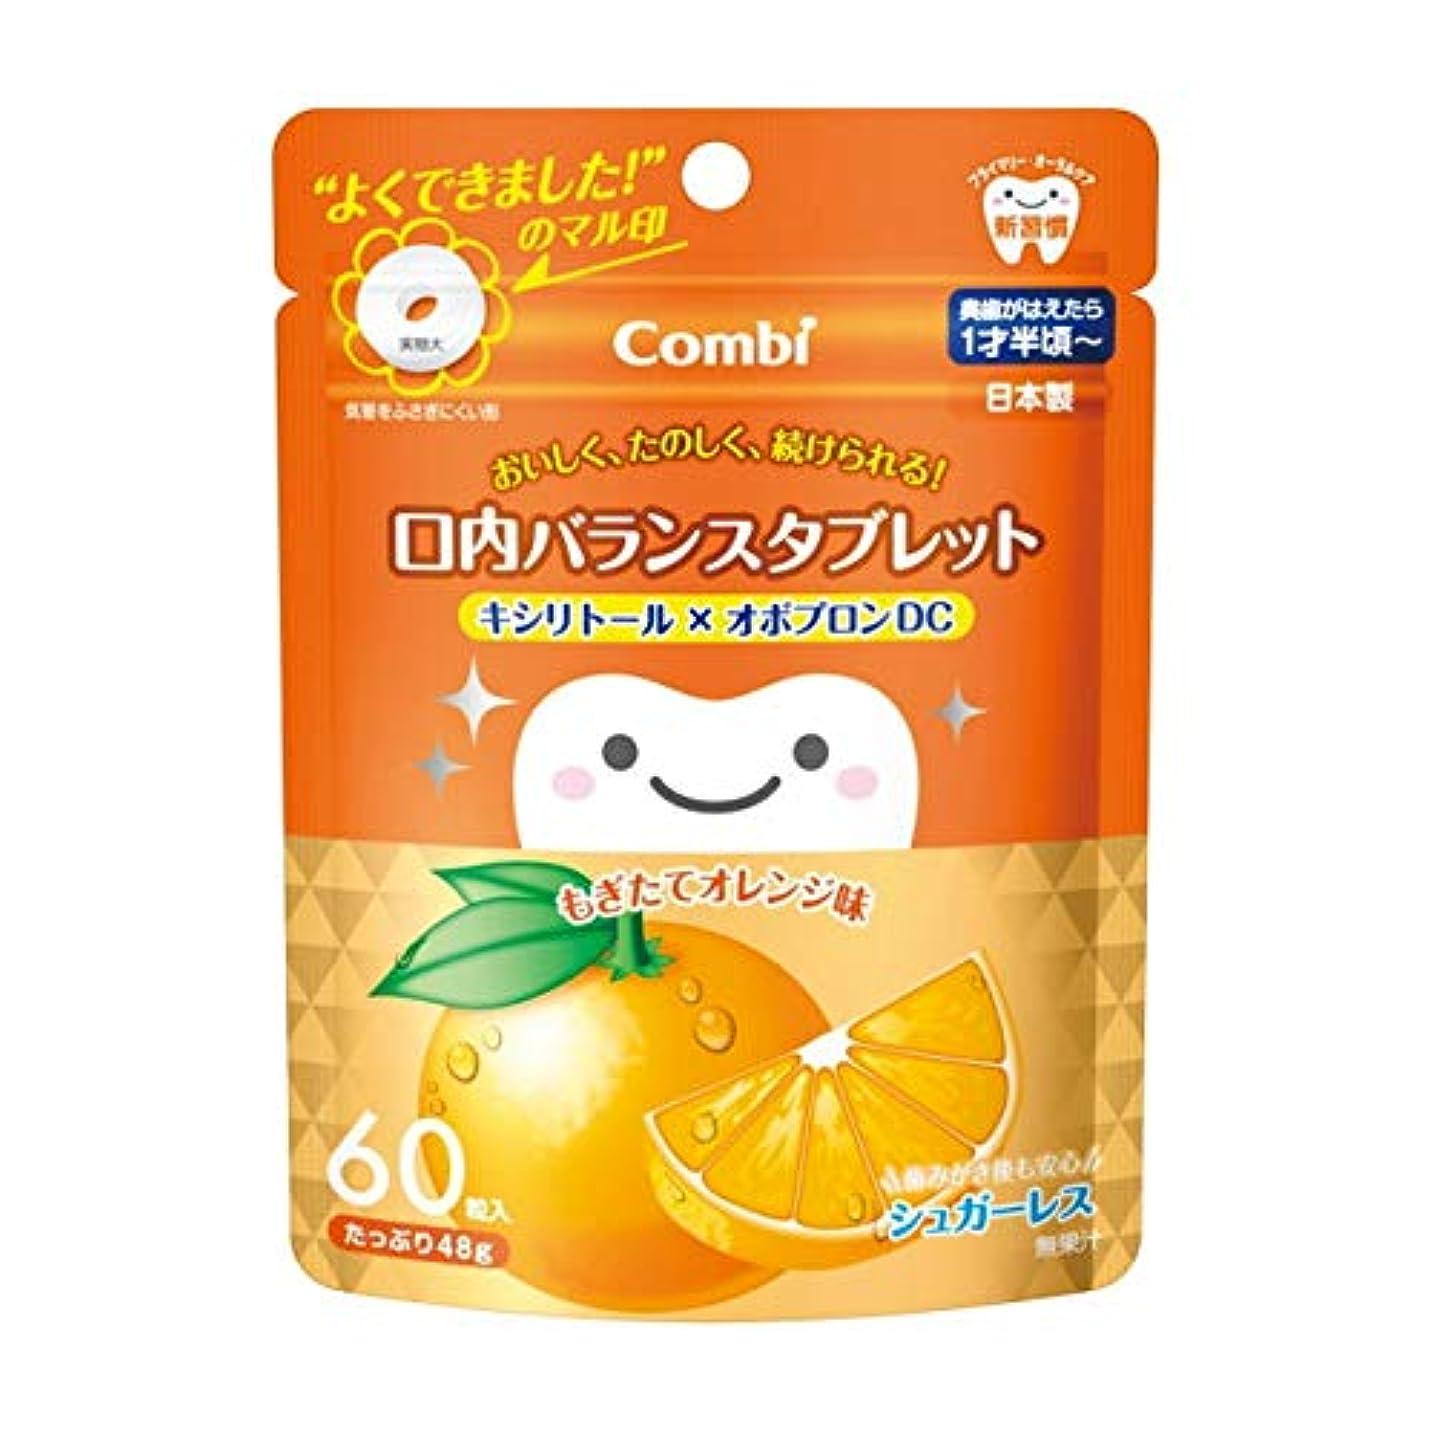 ながらポーク追加するテテオ 口内バランスタブレット(オレンジ) 60粒